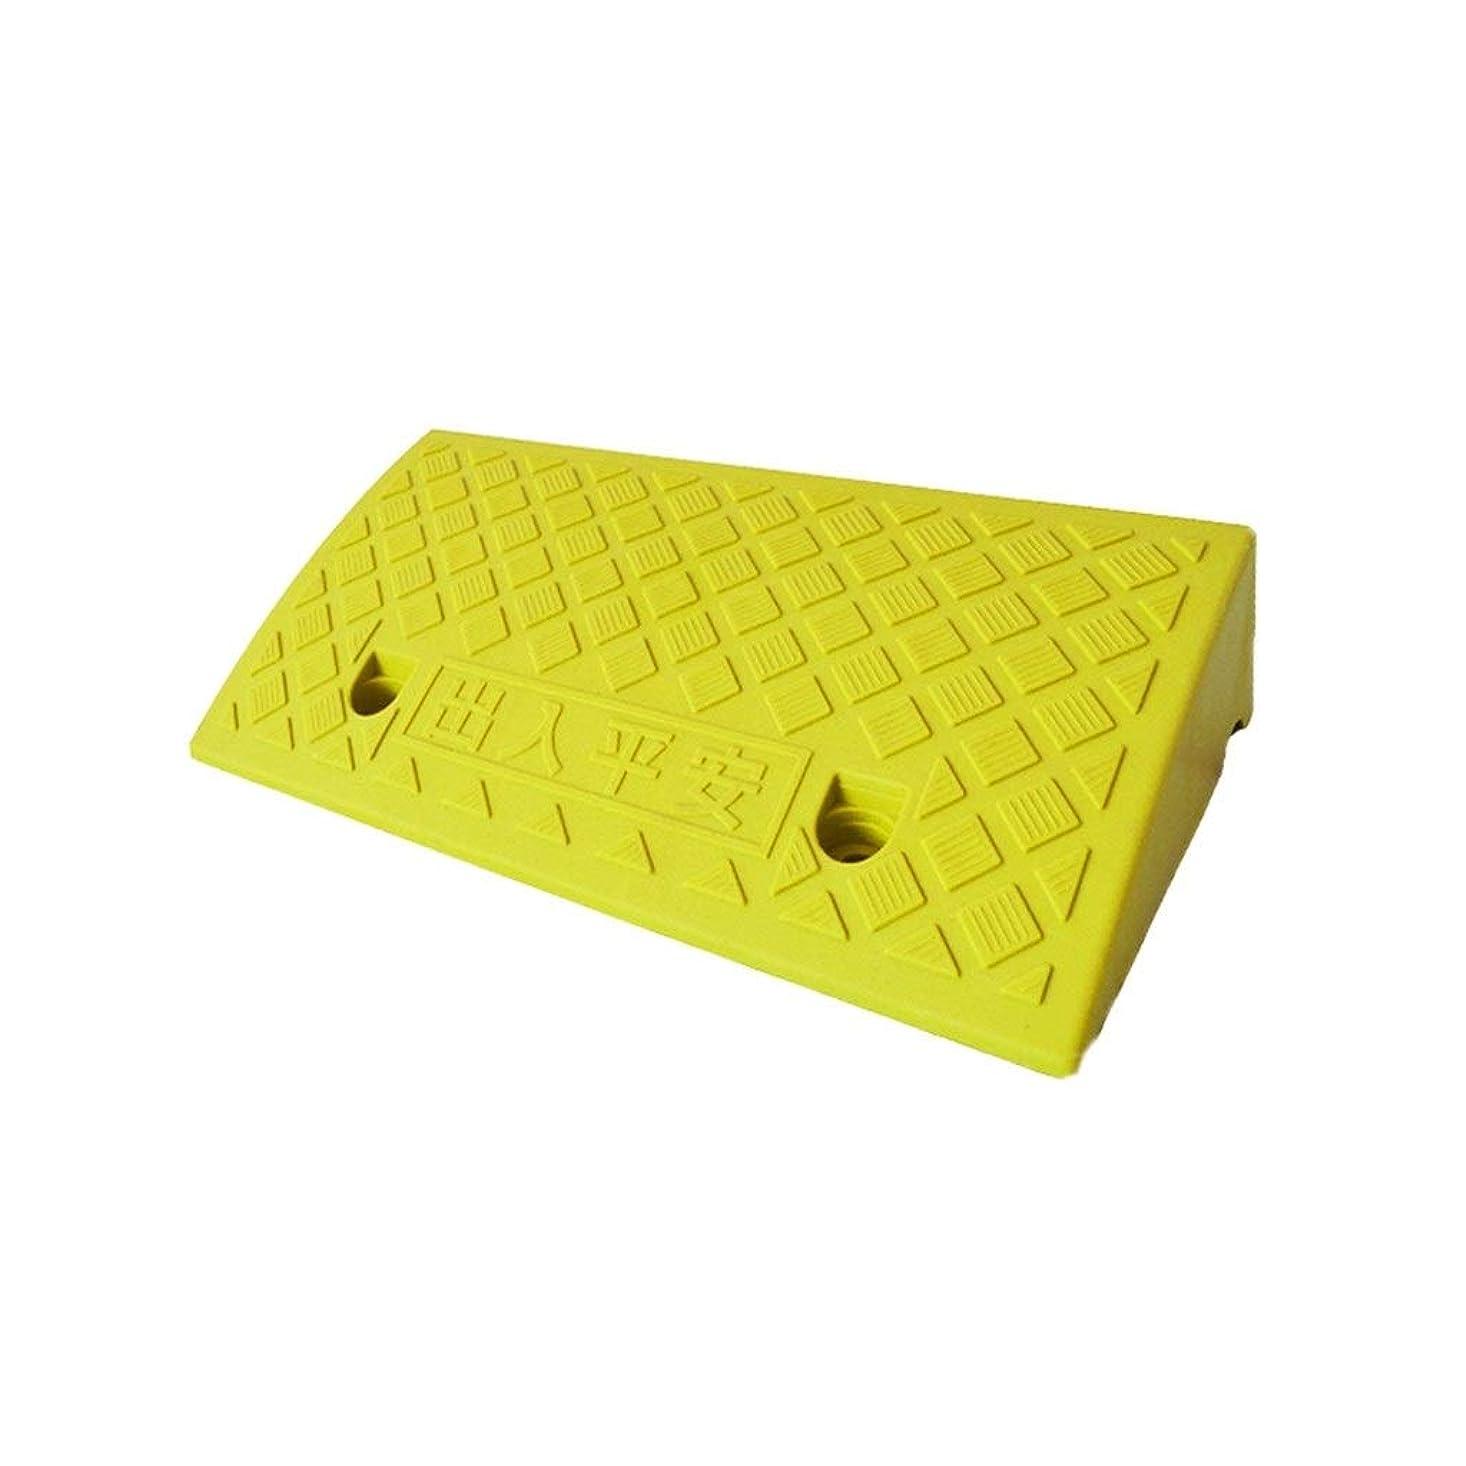 矢じりランクトラフ11CMアップヒルパッド、パティオガーデンステップパッドプラスチック滑り止め車両ランプ自転車オートバイ車椅子ランプ (Color : Yellow)